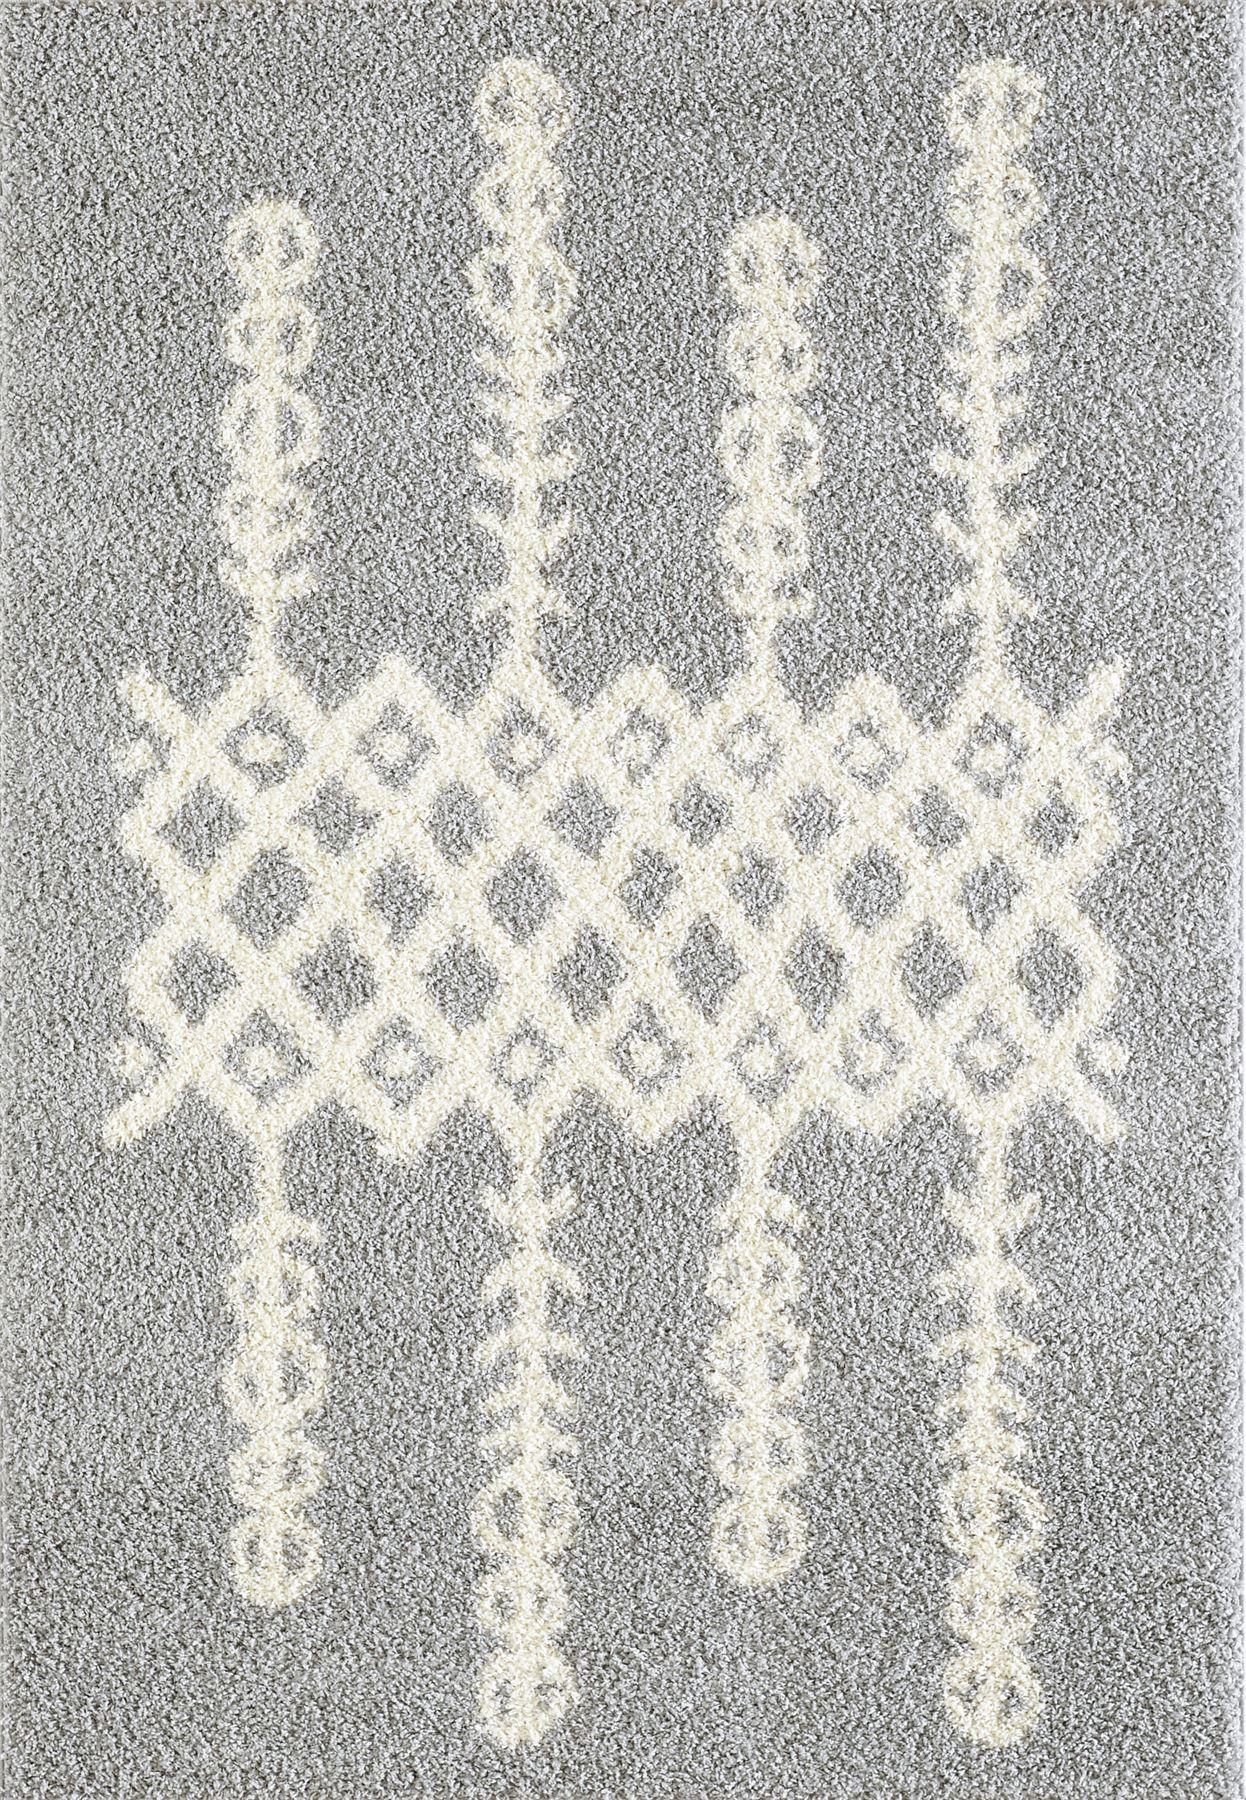 Tappeto-A2Z-Nero-Grigio-Avorio-tradizionale-marocchina-Shaggy-Berber-Boho-Tribal-3cm-Pile miniatura 13